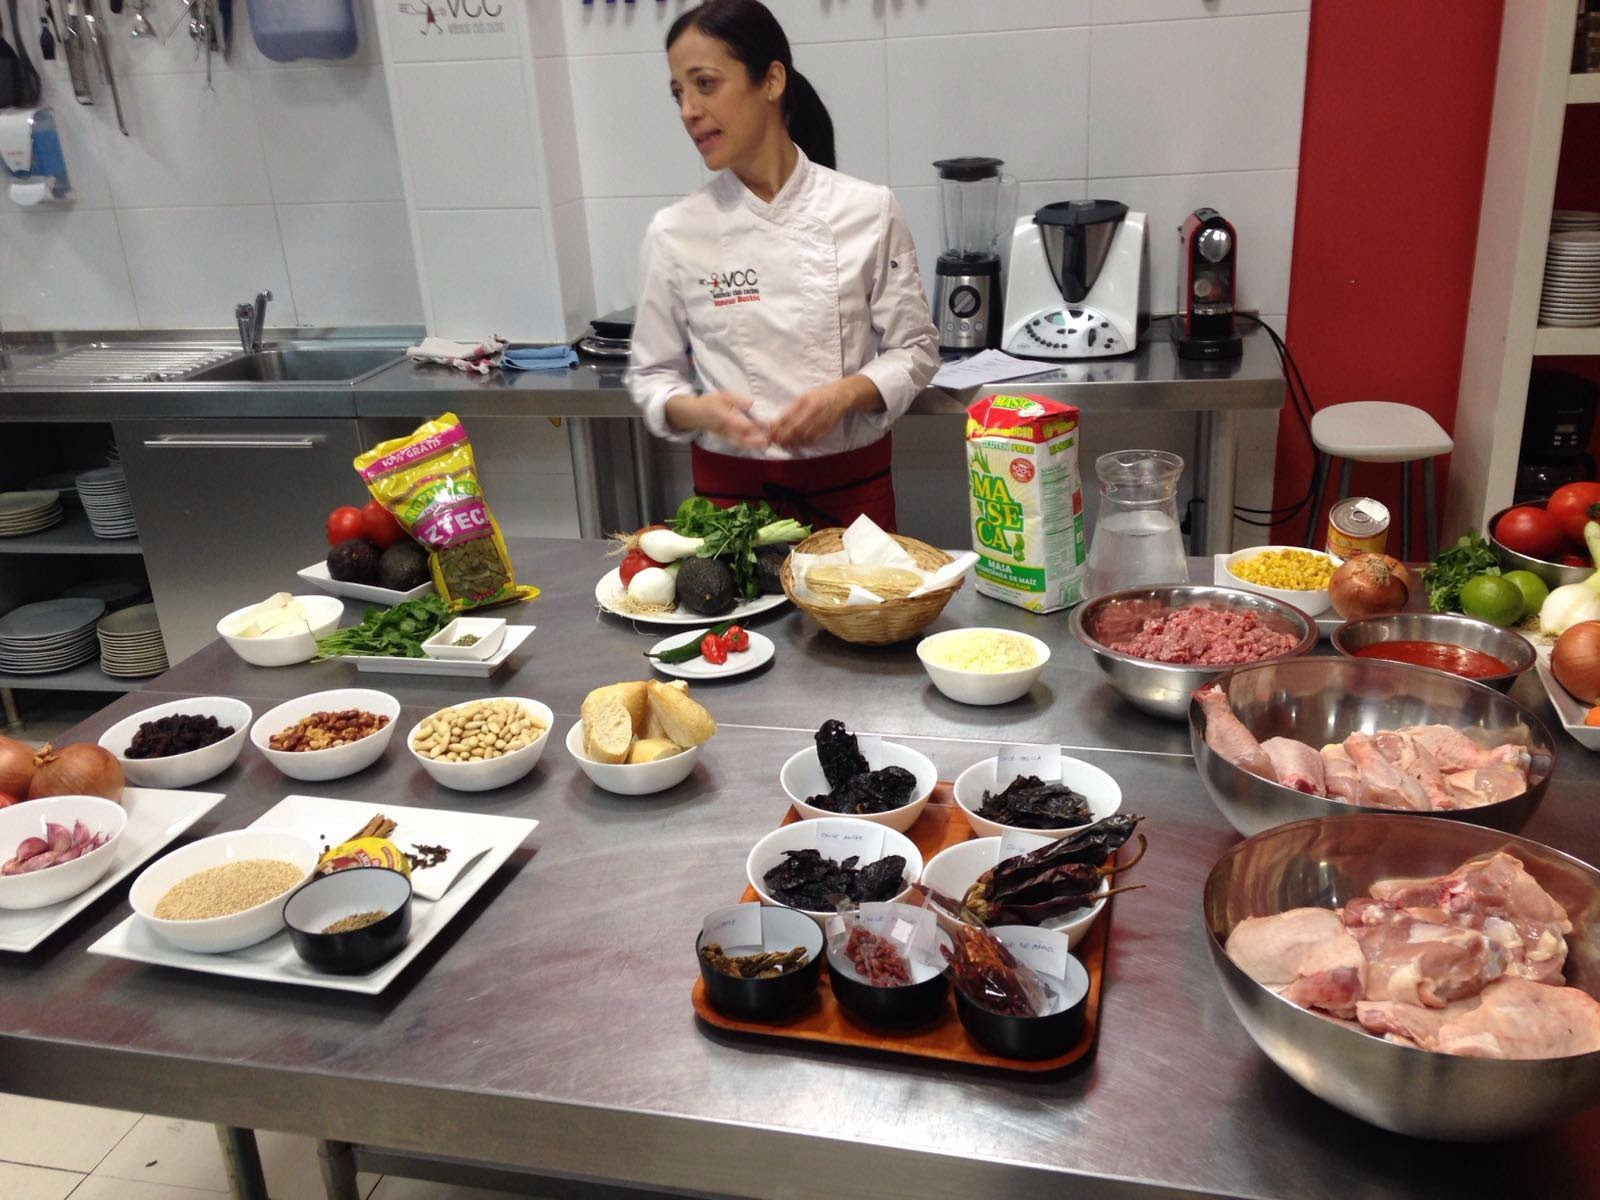 Curso de cocina mexicana en valencia club cocina valencia gastron mica - Curso cocina valencia ...